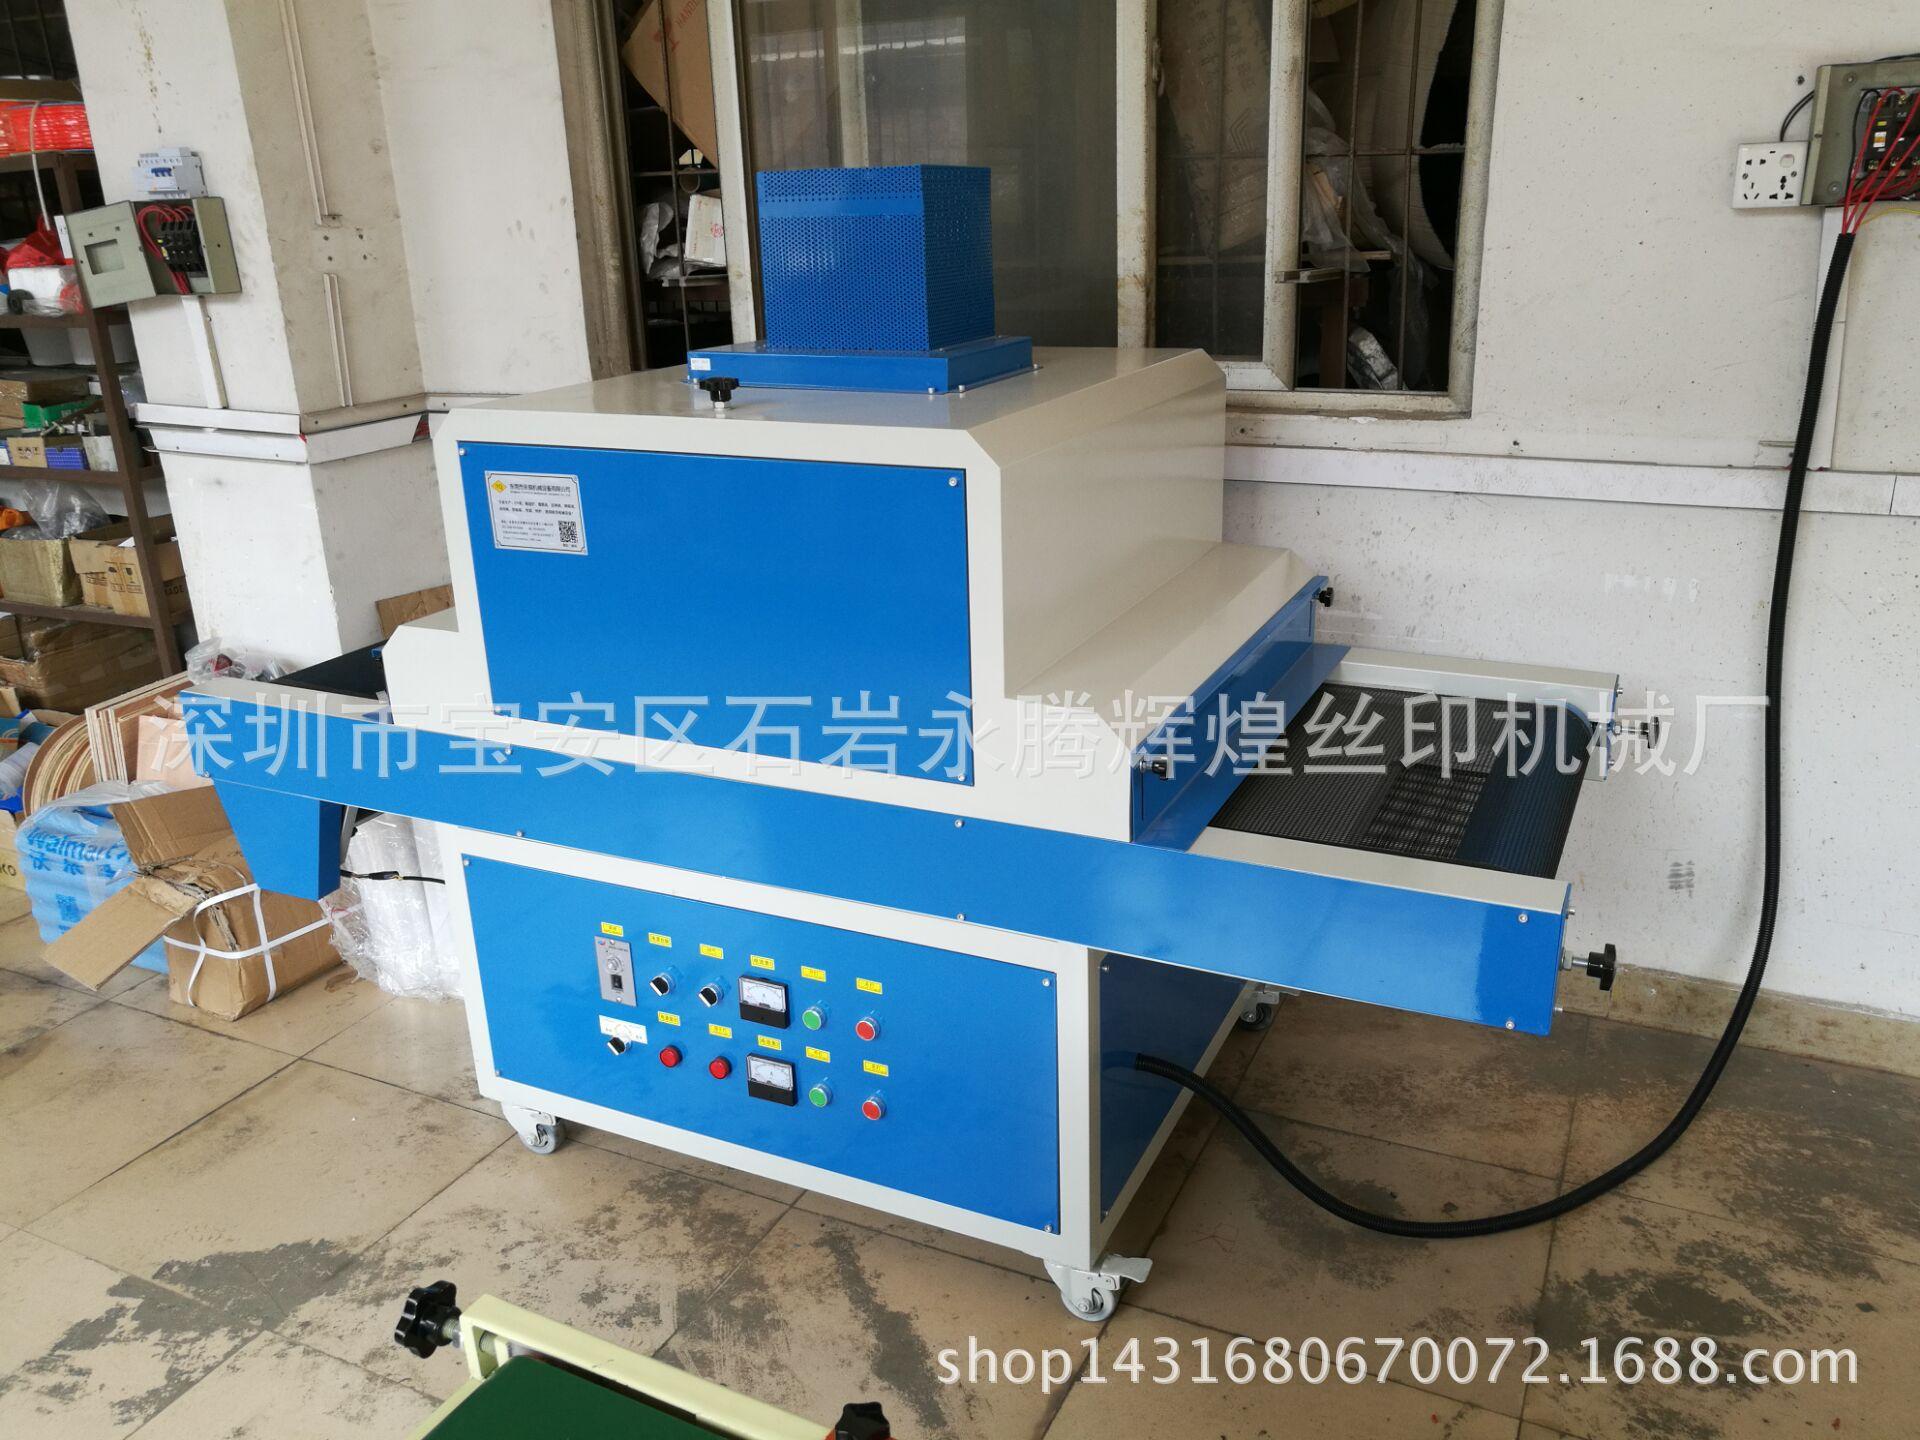 紫外线uv固化机_现货供应:uv固化机、紫外线uv固化机、、深圳